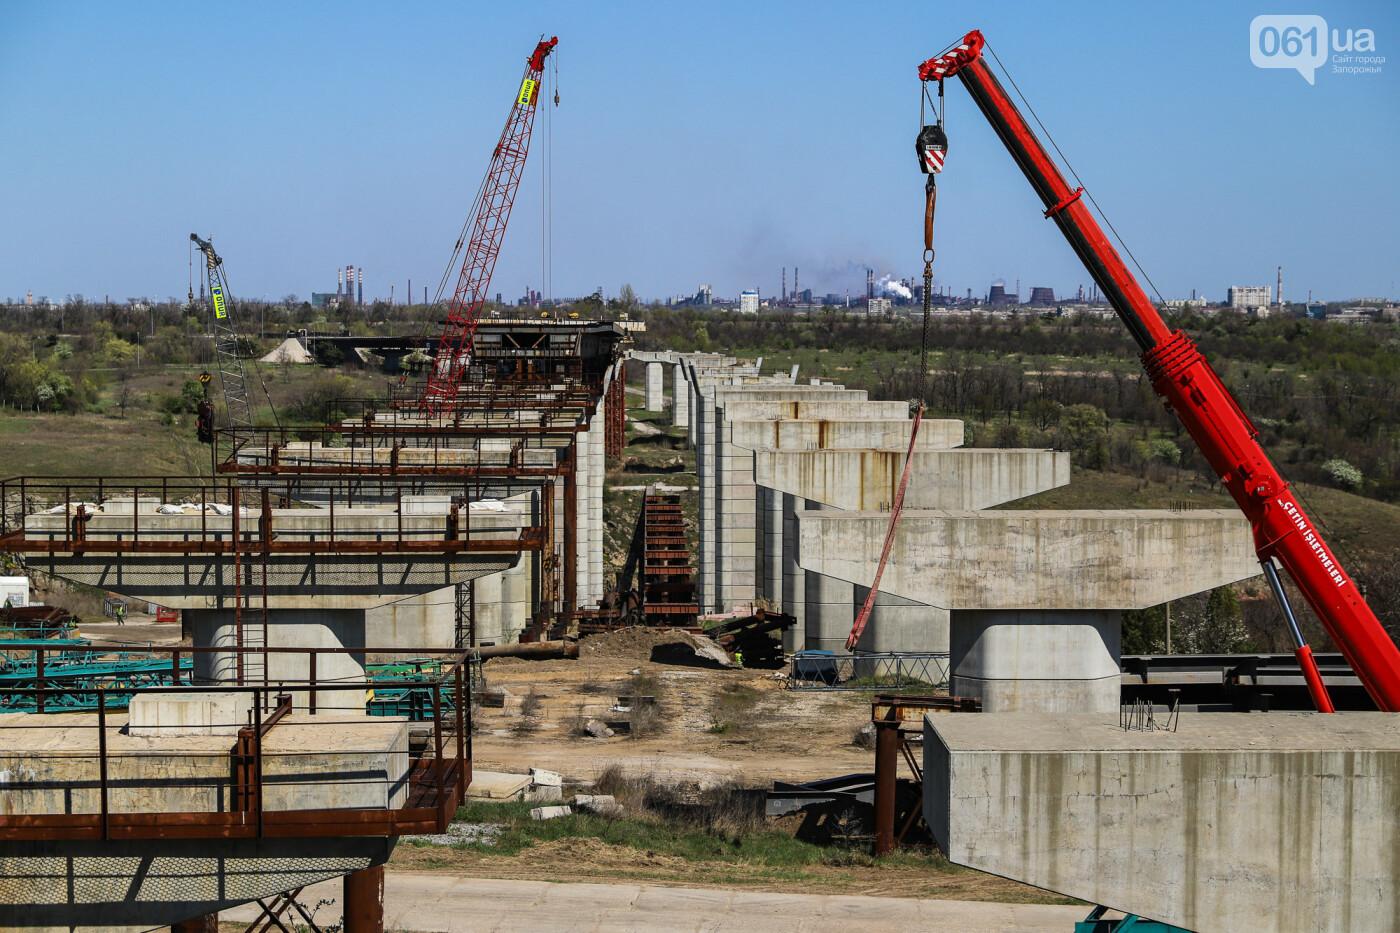 На запорожские мосты выделено 2,7 миллиарда: что сейчас проиходит стройплощадке, - ФОТОРЕПОРТАЖ, фото-18